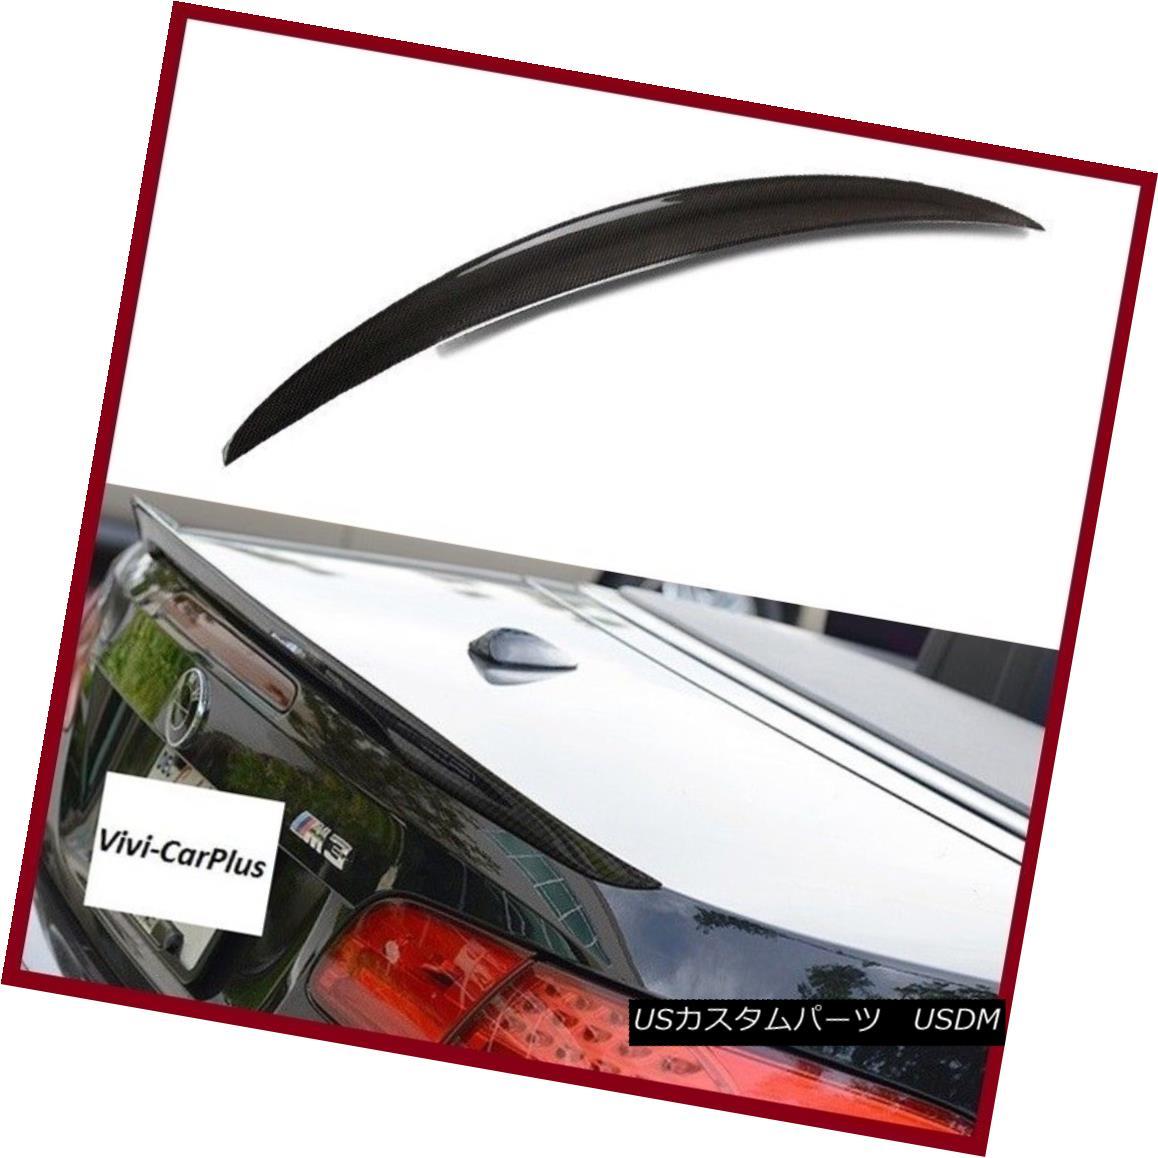 エアロパーツ Carbon Fiber 07-13 BMW E93 3-Series 2Dr 328i 335i M3 P Type Trunk Spoiler Lip カーボンファイバー07-13 BMW E93 3シリーズ2Dr 328i 335i M3 Pタイプトランクスポイラーリップ